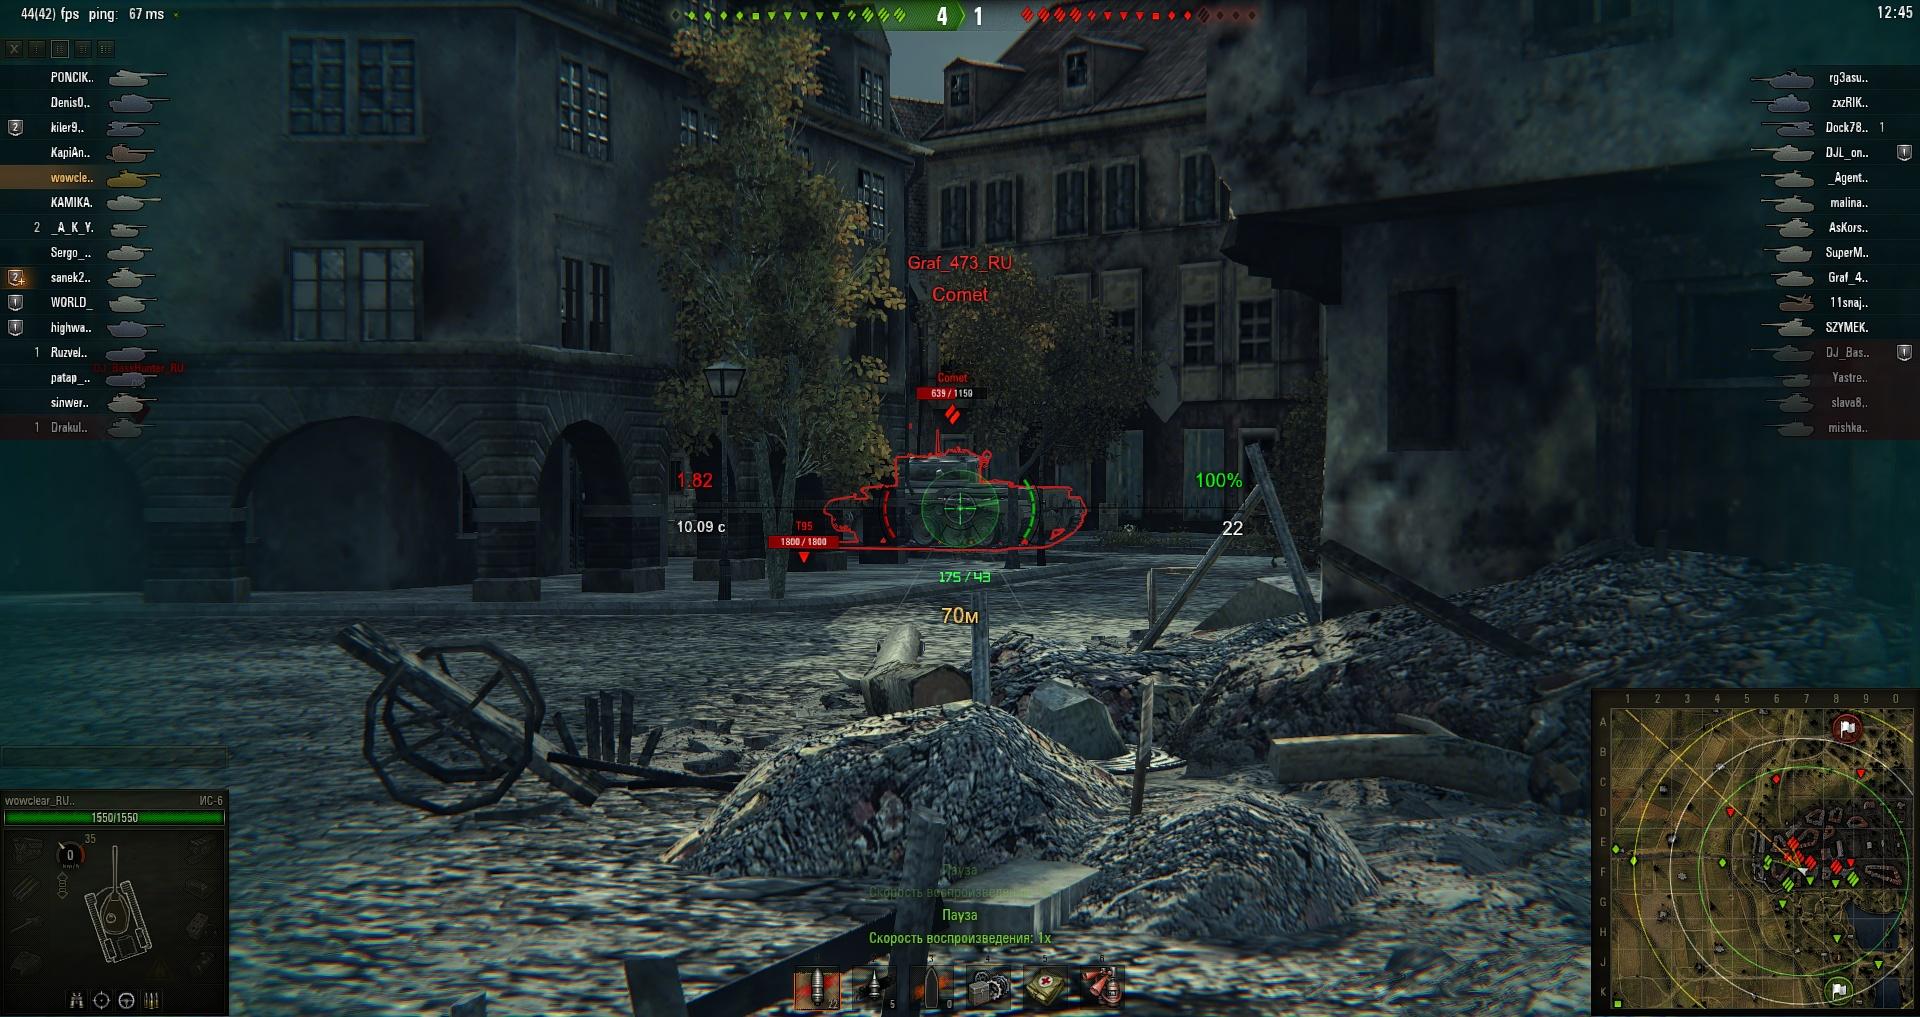 Арт прицел с попаданием снаряда